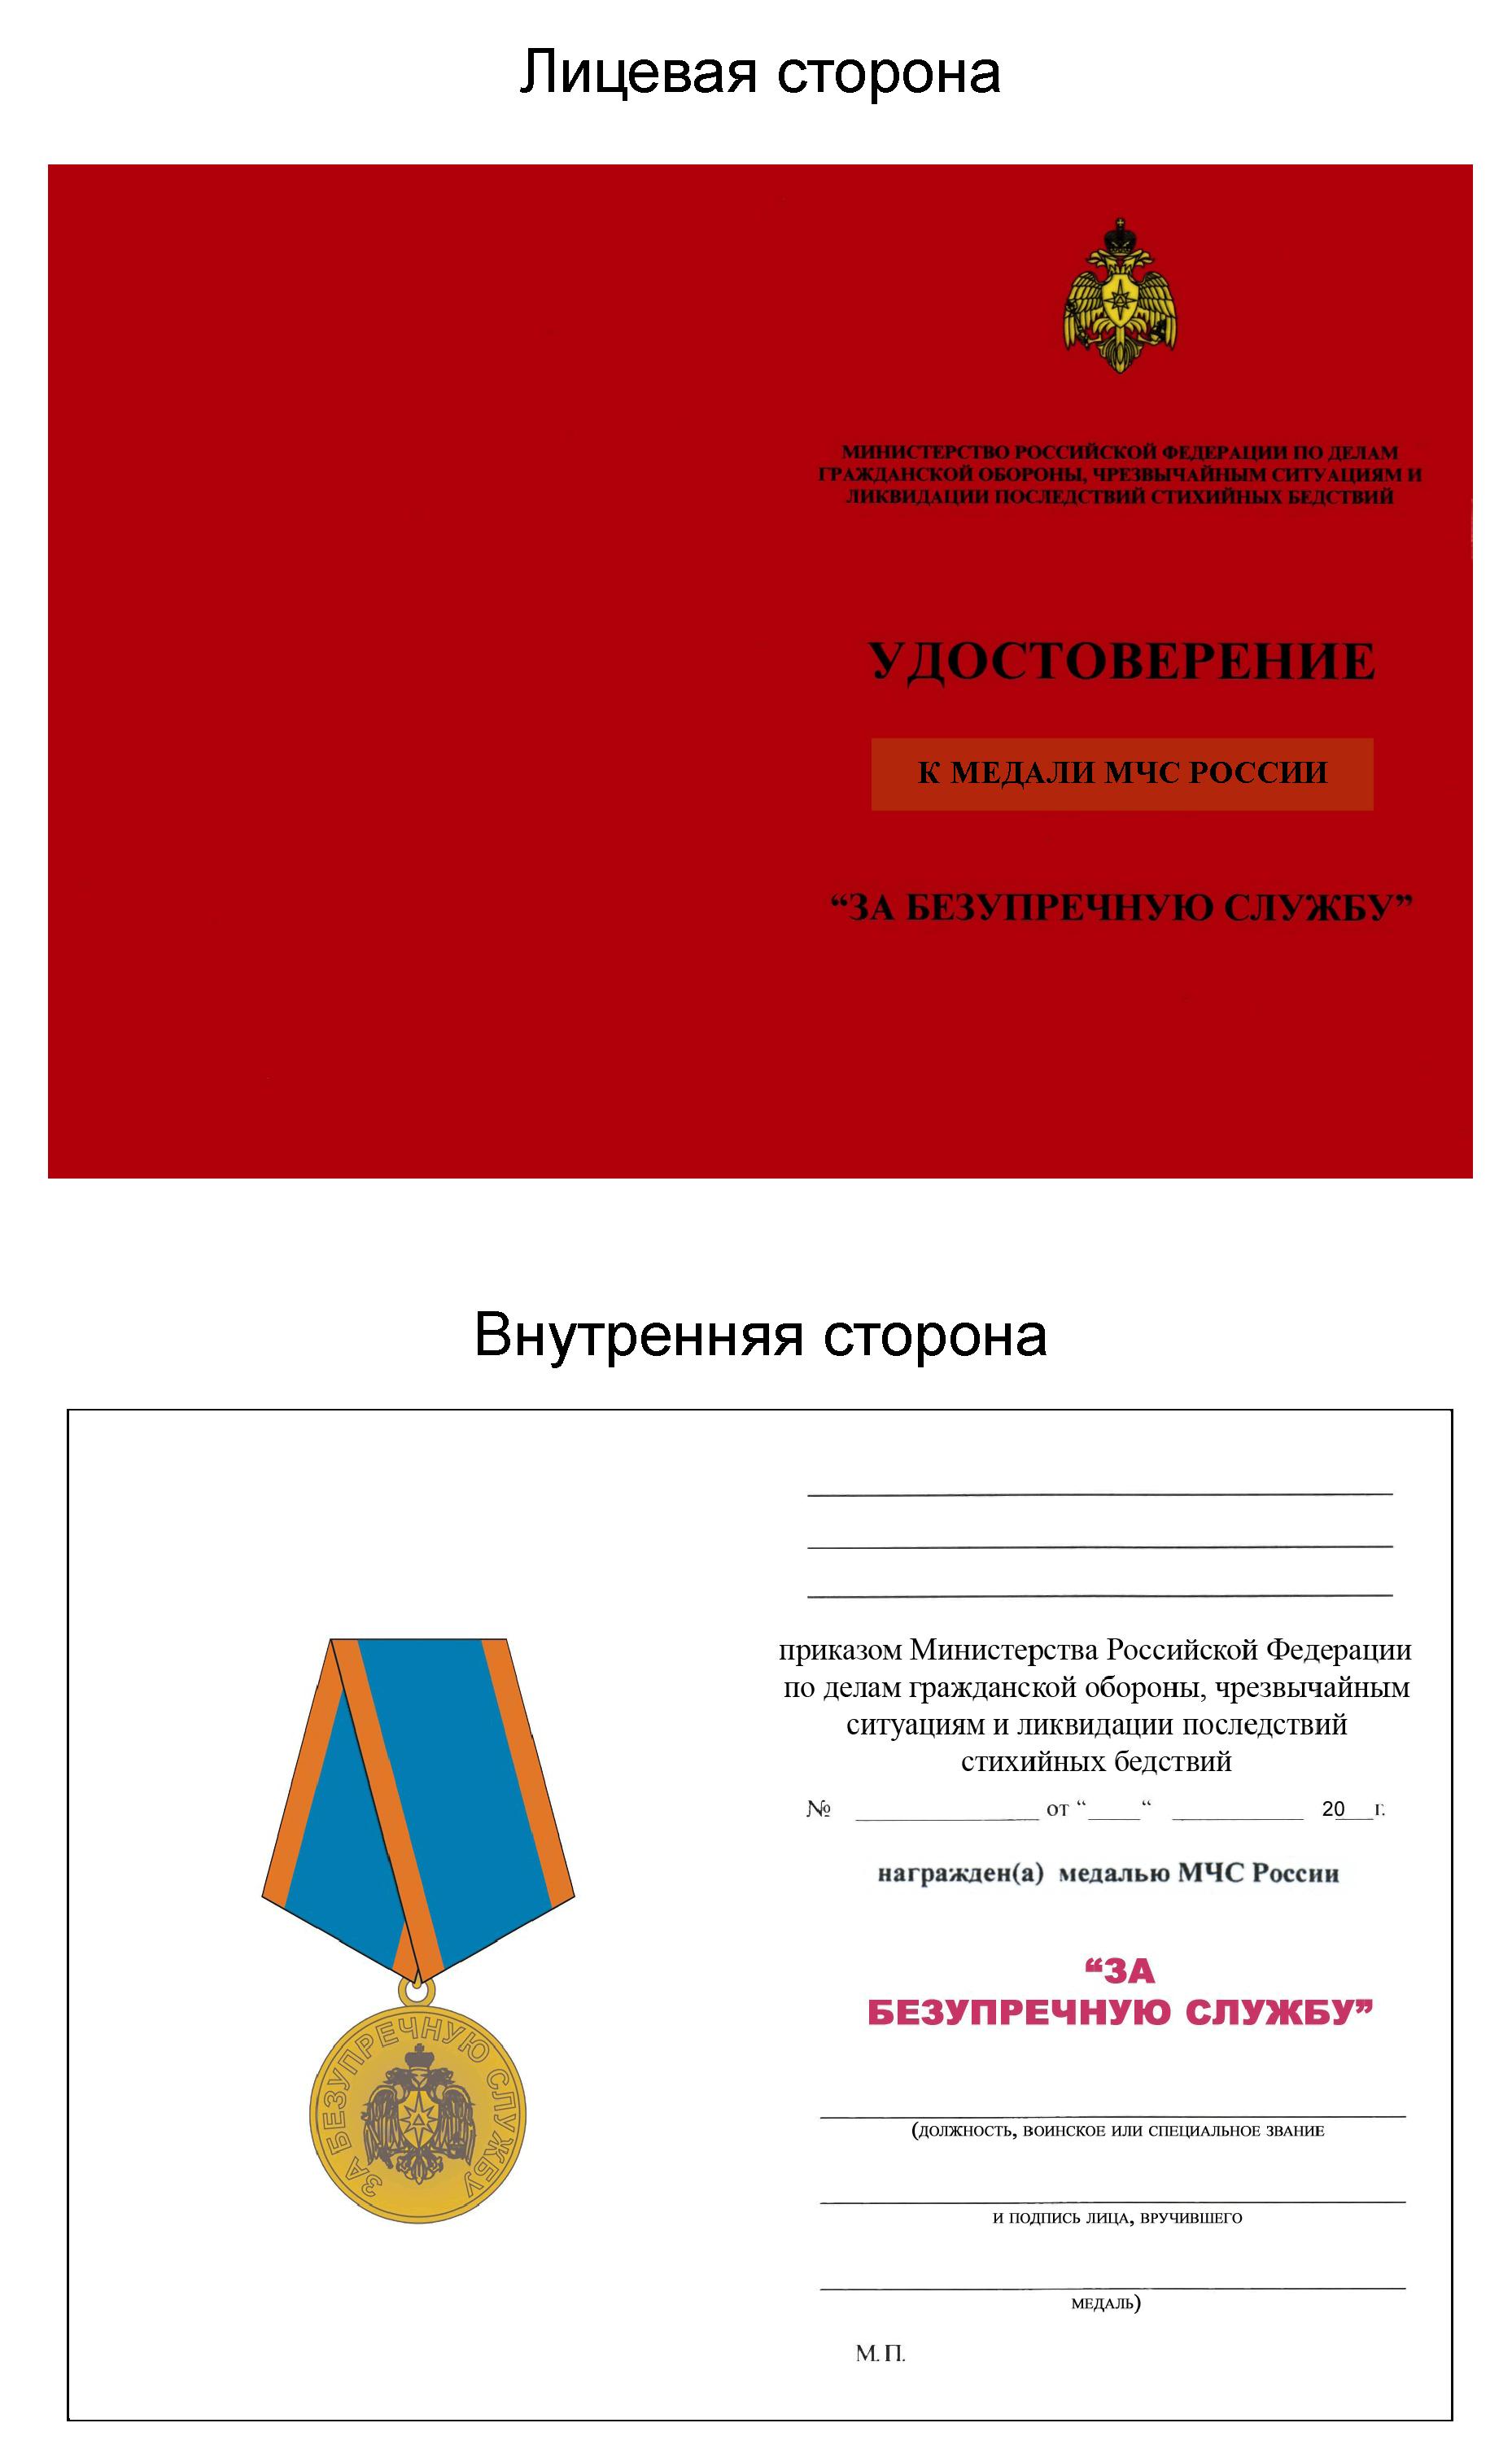 ПРИЛОЖЕНИЕ 3 К ПОЛОЖЕНИЮ 7, УТВ. ПРИКАЗОМ МЧС РФ ОТ 06.12.2010 N 620